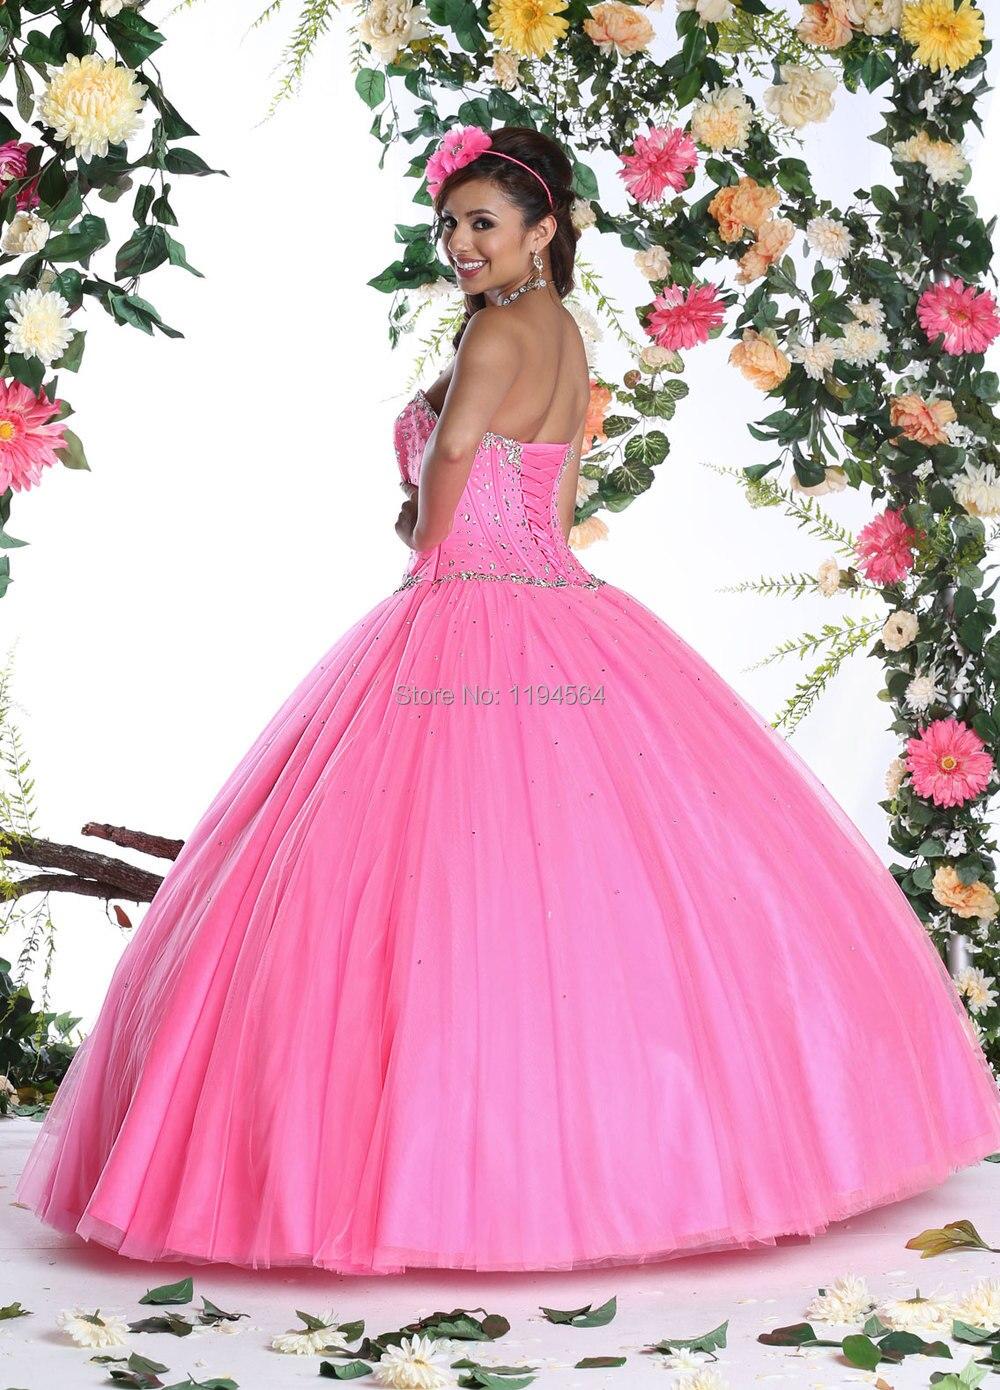 Impresionante amor moldeado vestidos rosa vestidos Quinceanera bola ...